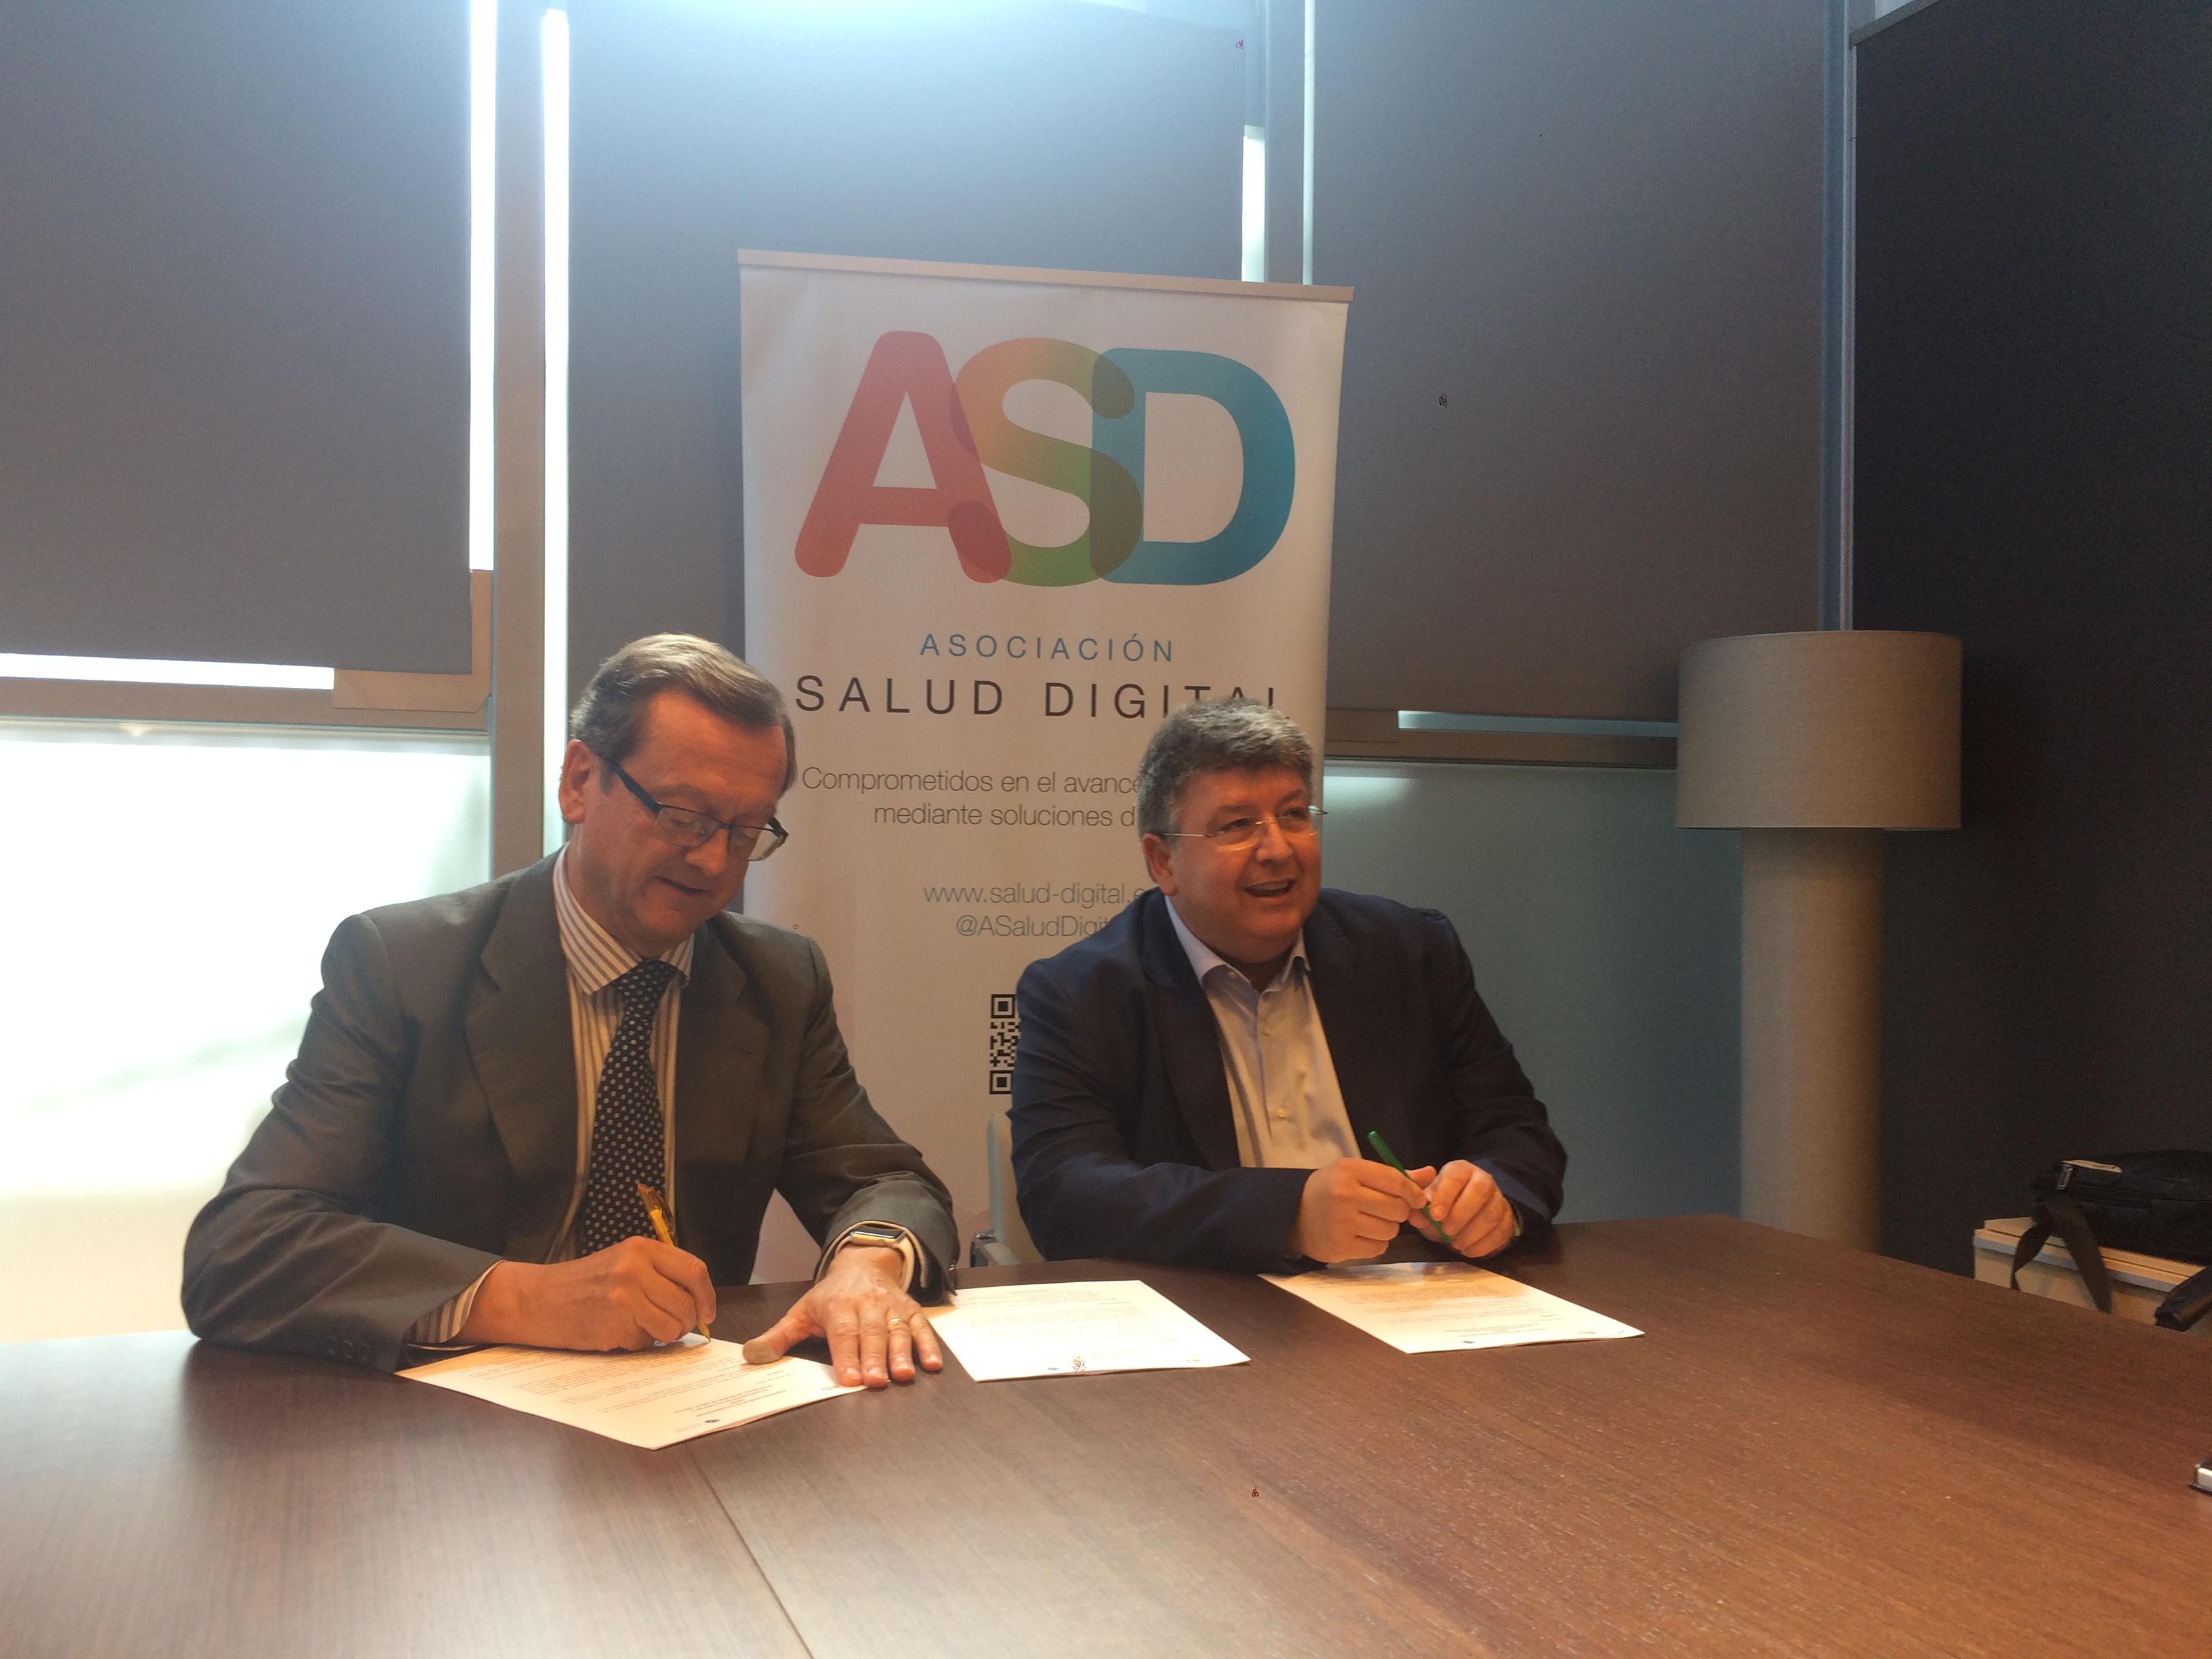 La ASD y la Societat Catalana de Salut Digital firman un convenio